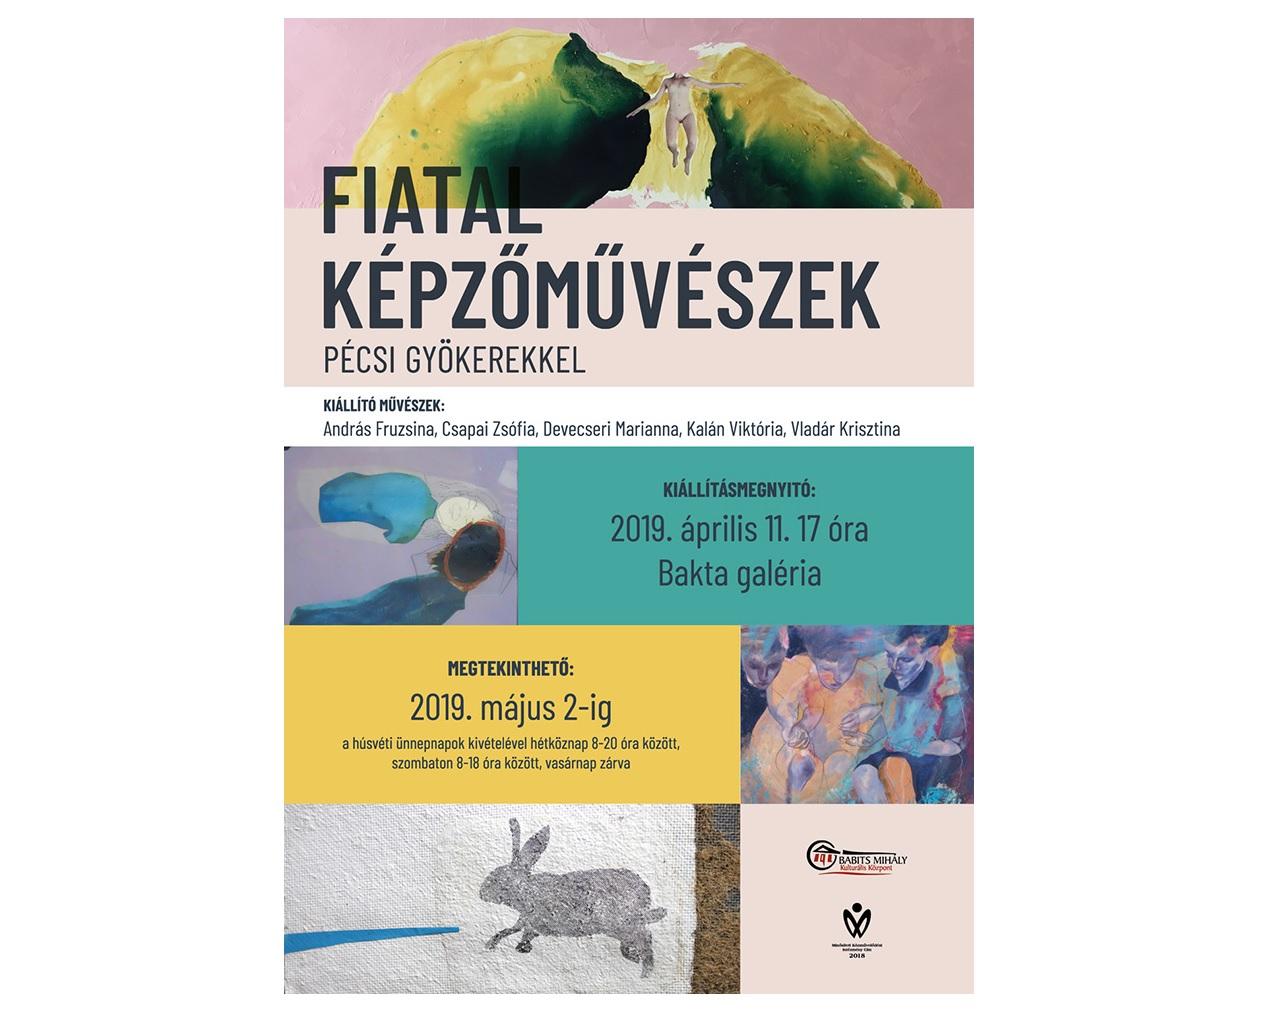 Fiatal képzőművészek pécsi gyökerekkel – Nyilas Márta tanítványainak kiállítása